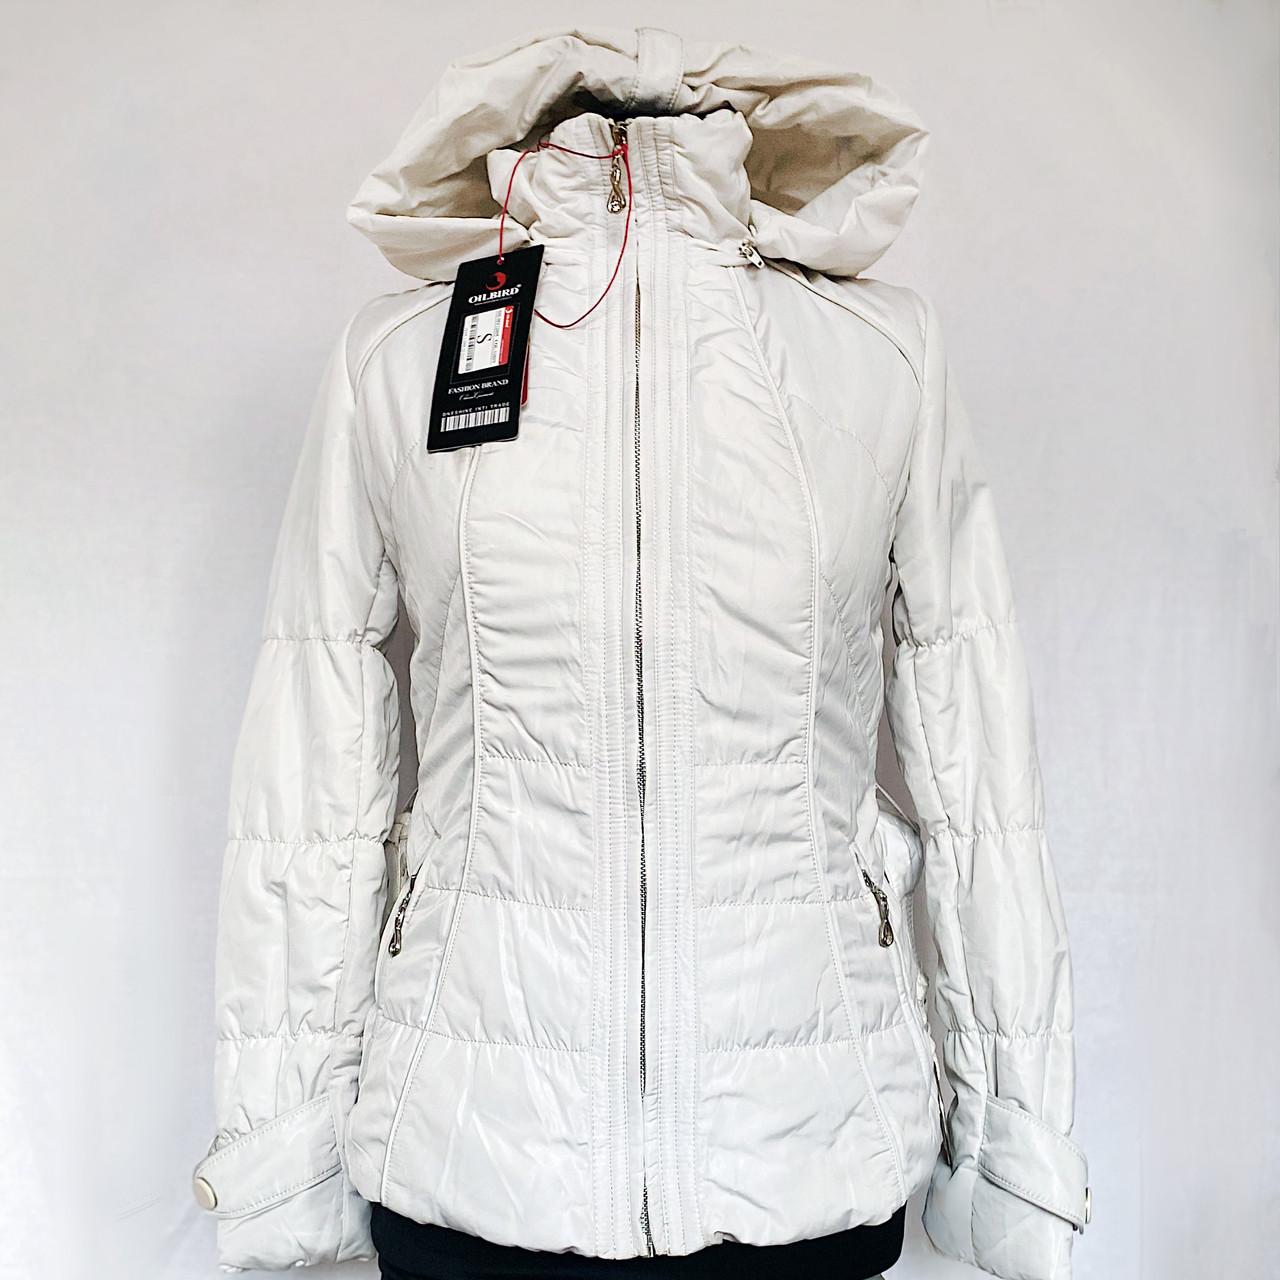 Куртка Фабричная со Съемным Капюшоном. Oil Bird Китай Последний р. S Распродажа